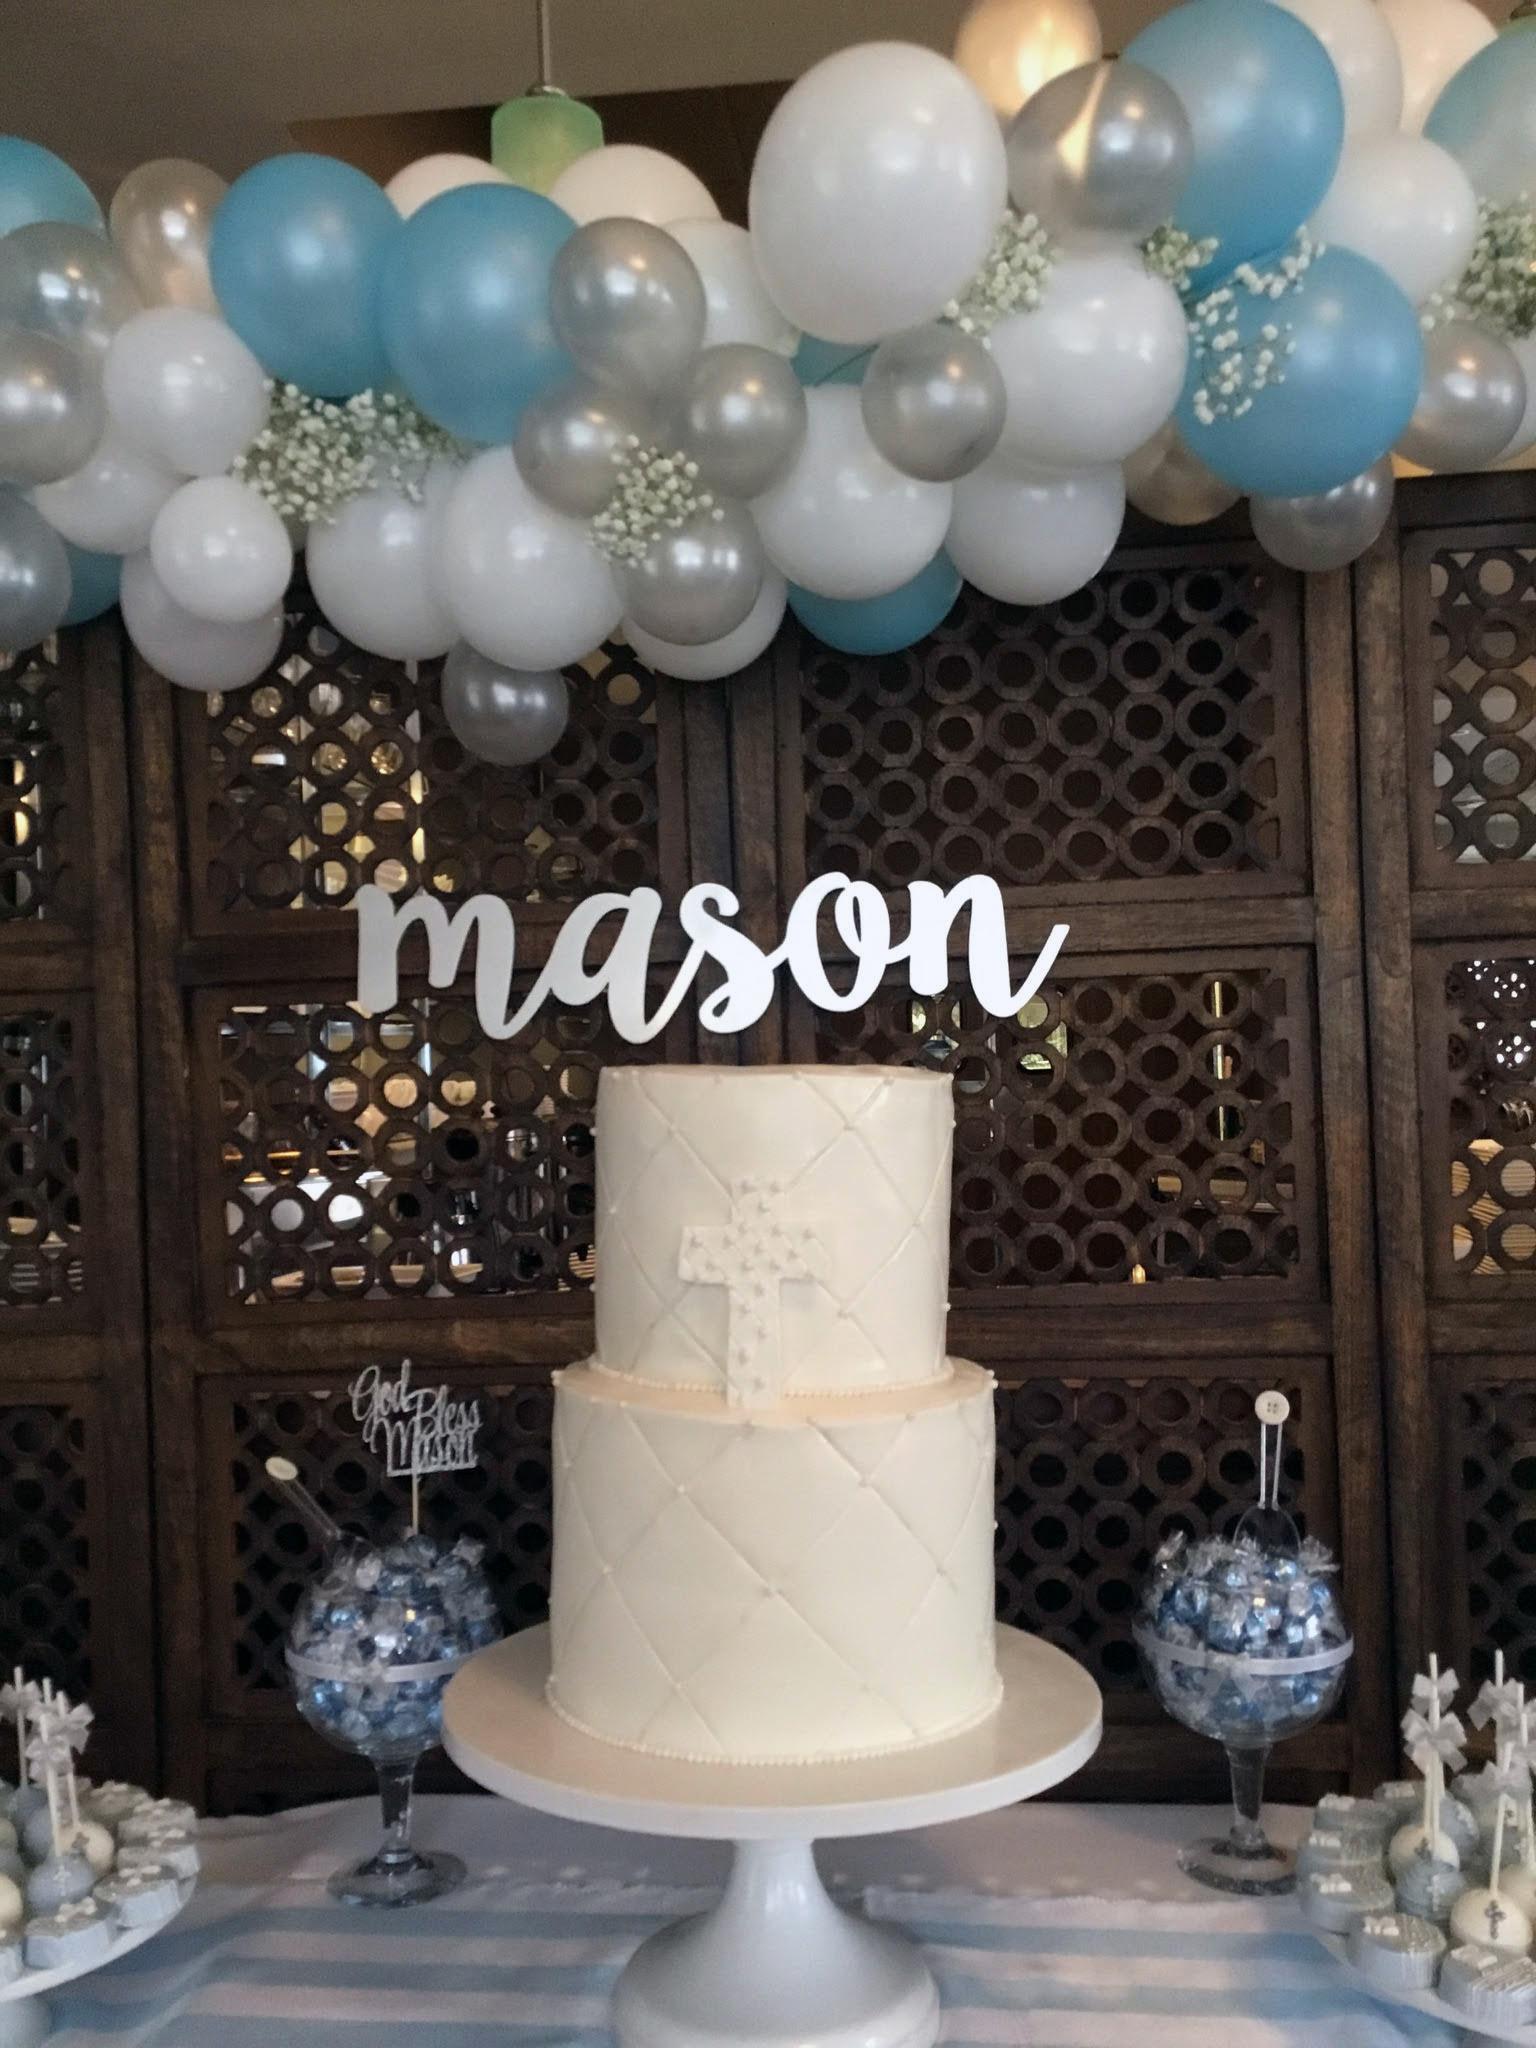 mason cake.jpg